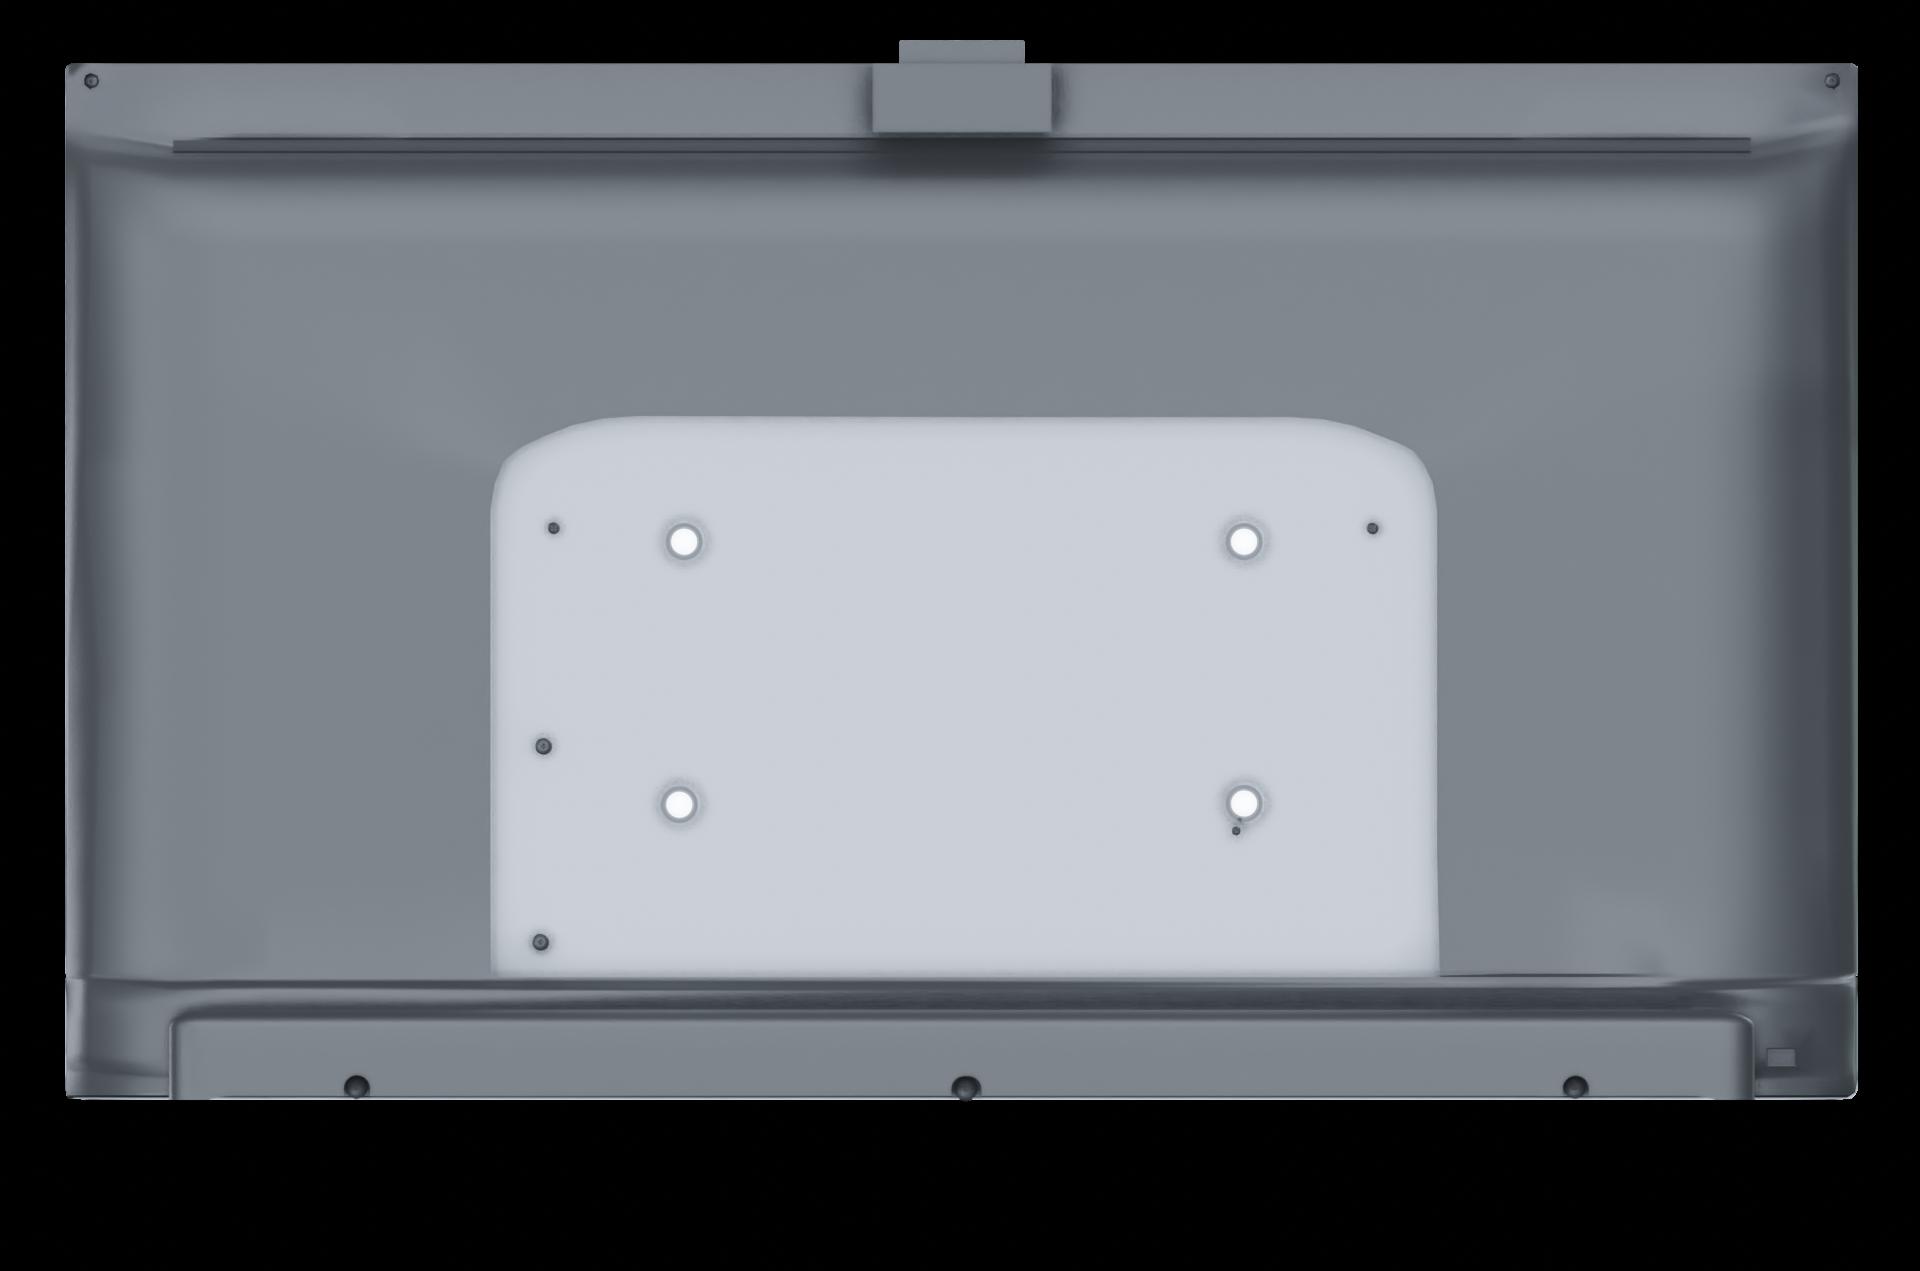 ridaex arya led tv backpanel